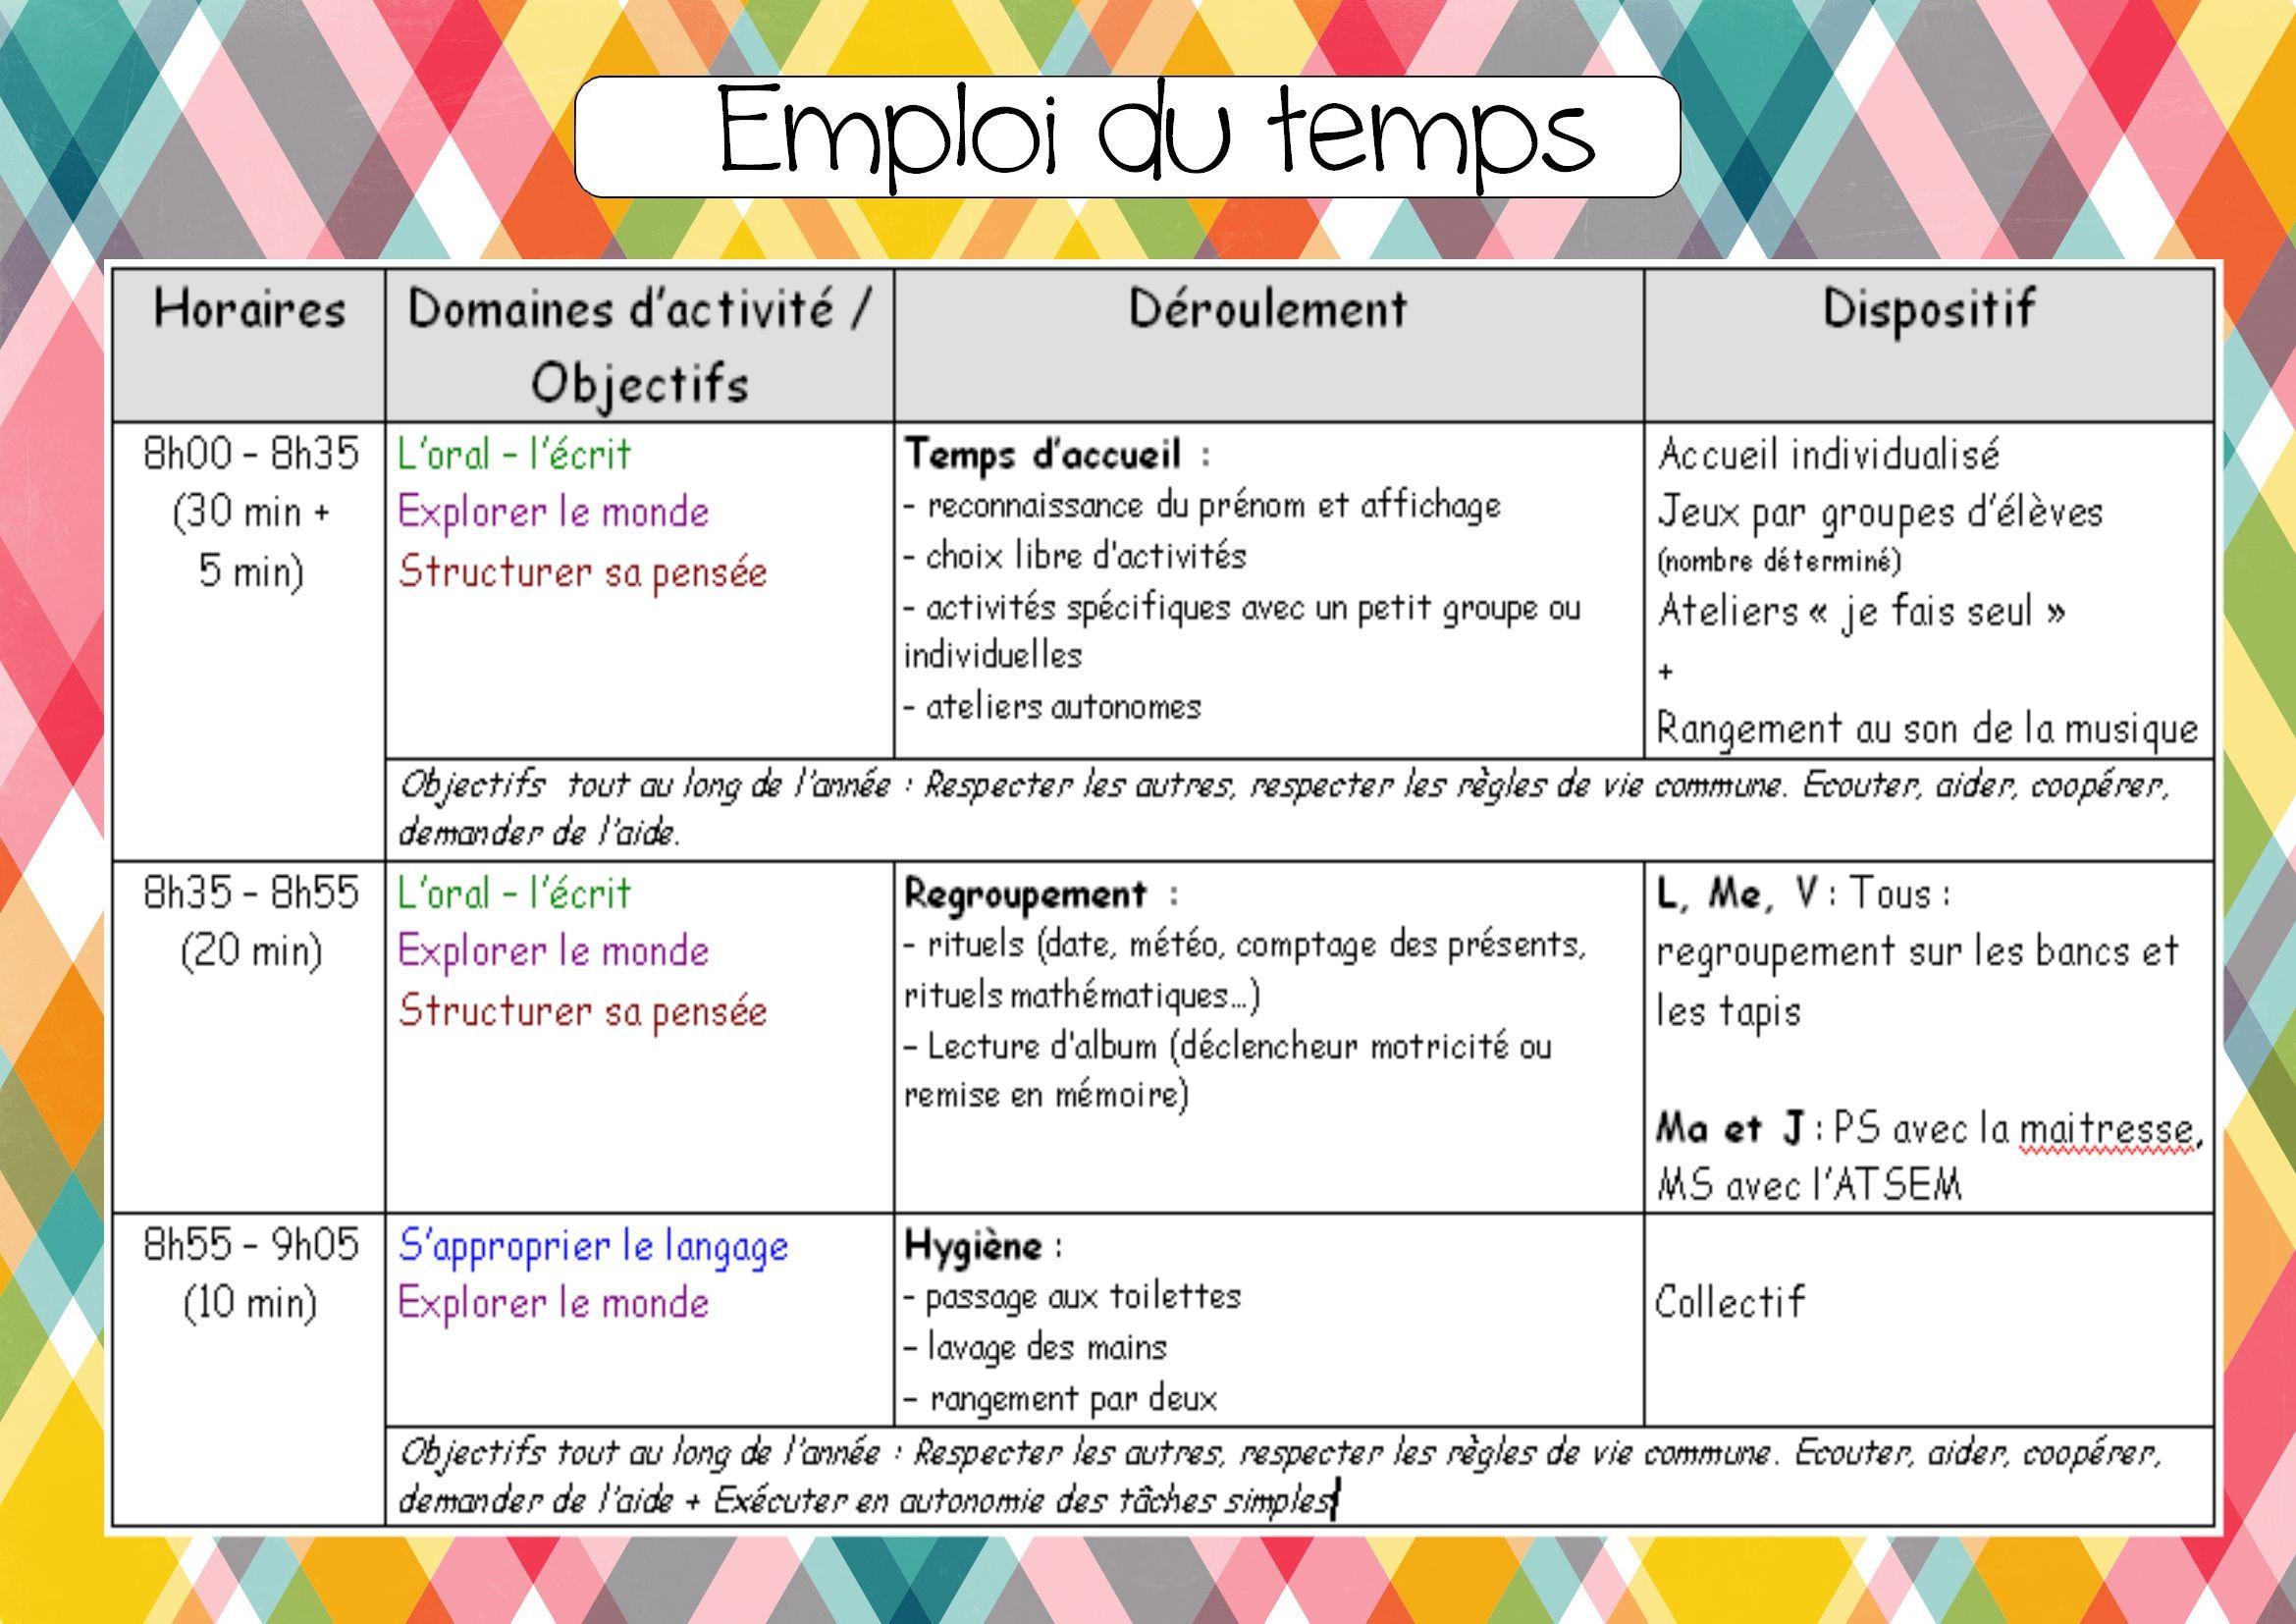 Cahier Journal Et Emploi Du Temps Emploi Du Temps Cahier Journal Maternelle Journal De Classe Enseignant